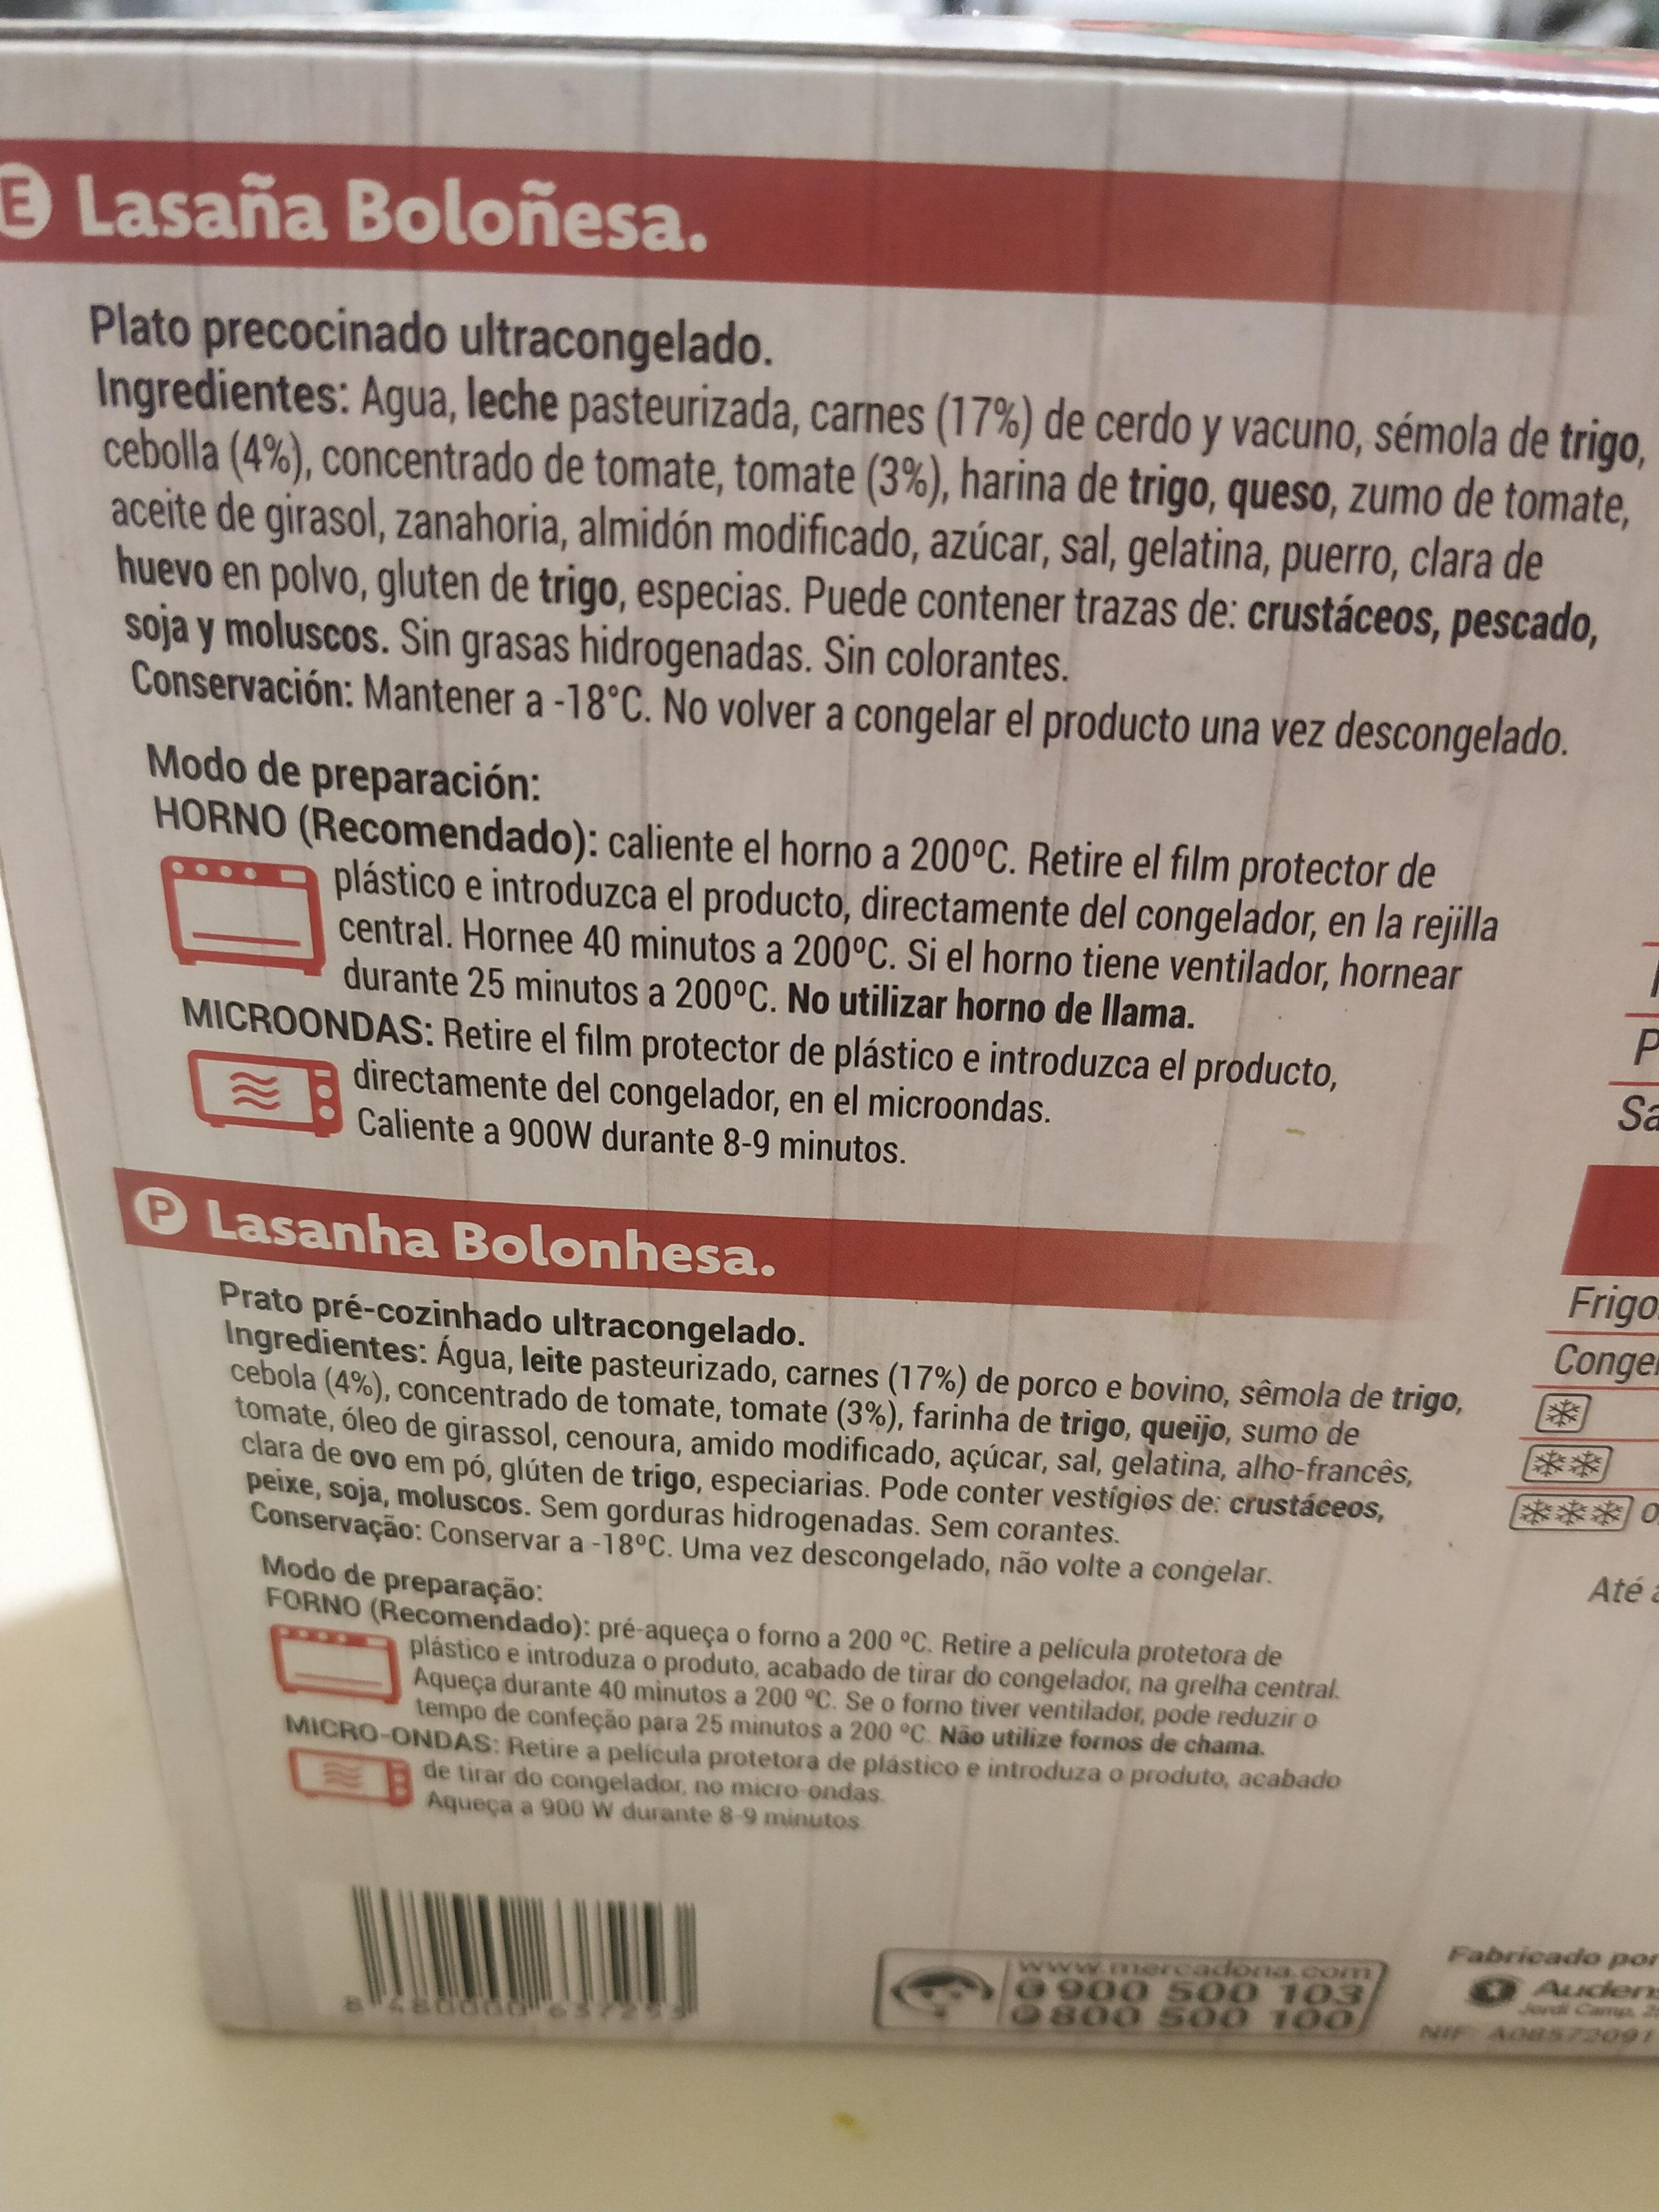 Lasagna boloñesa - Ingredientes - es